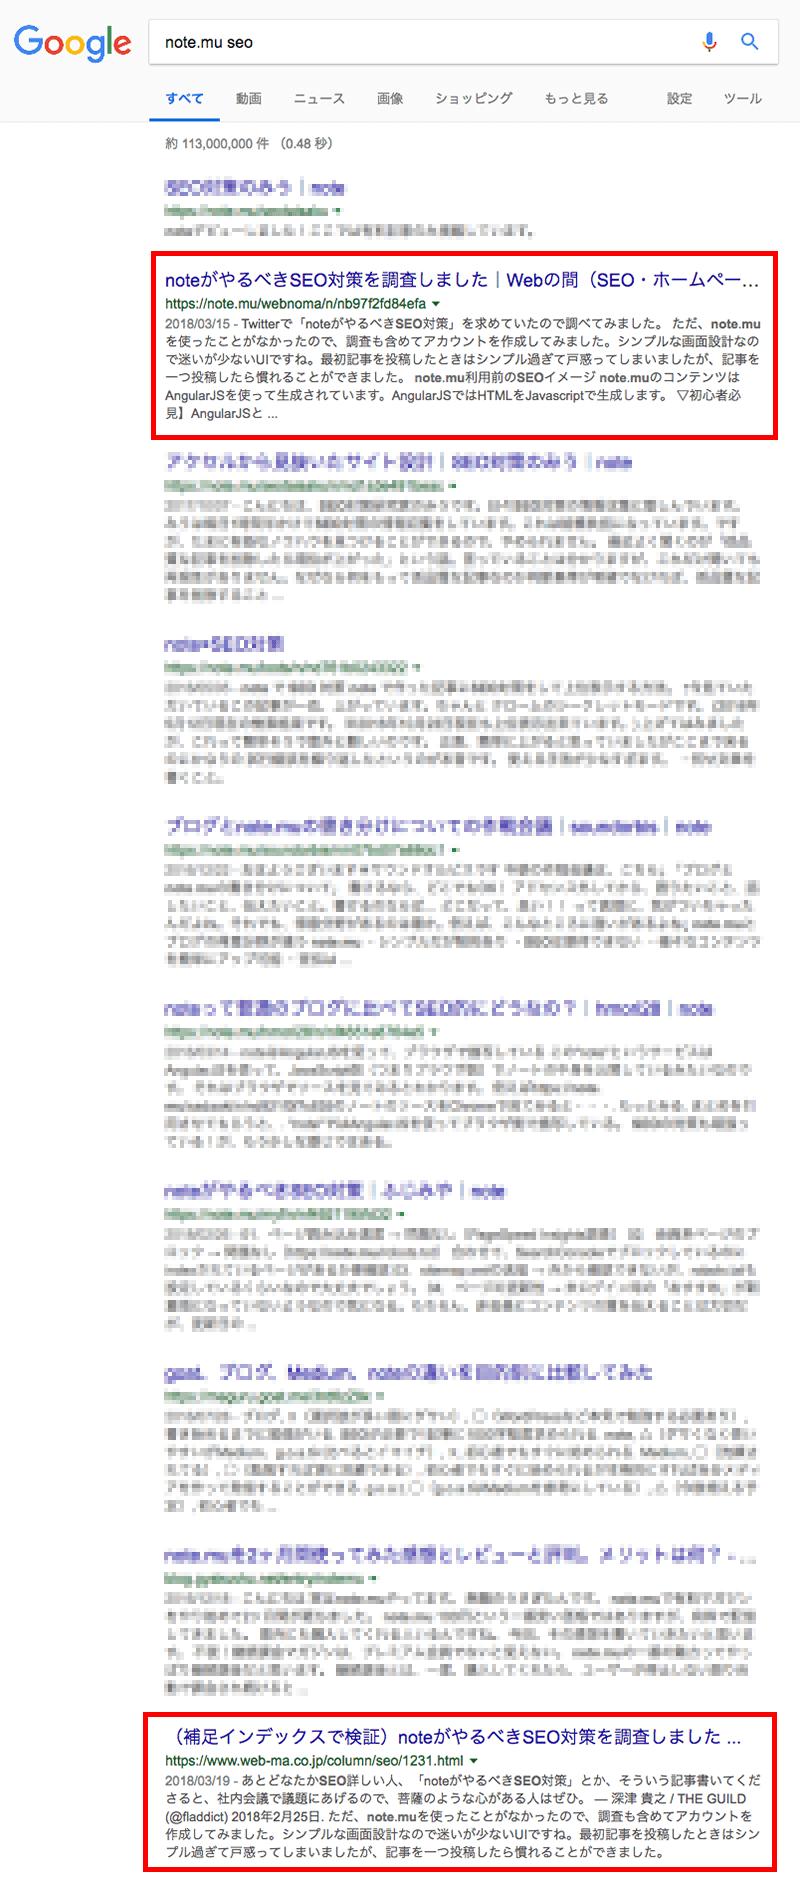 「note.mu seo」検索結果